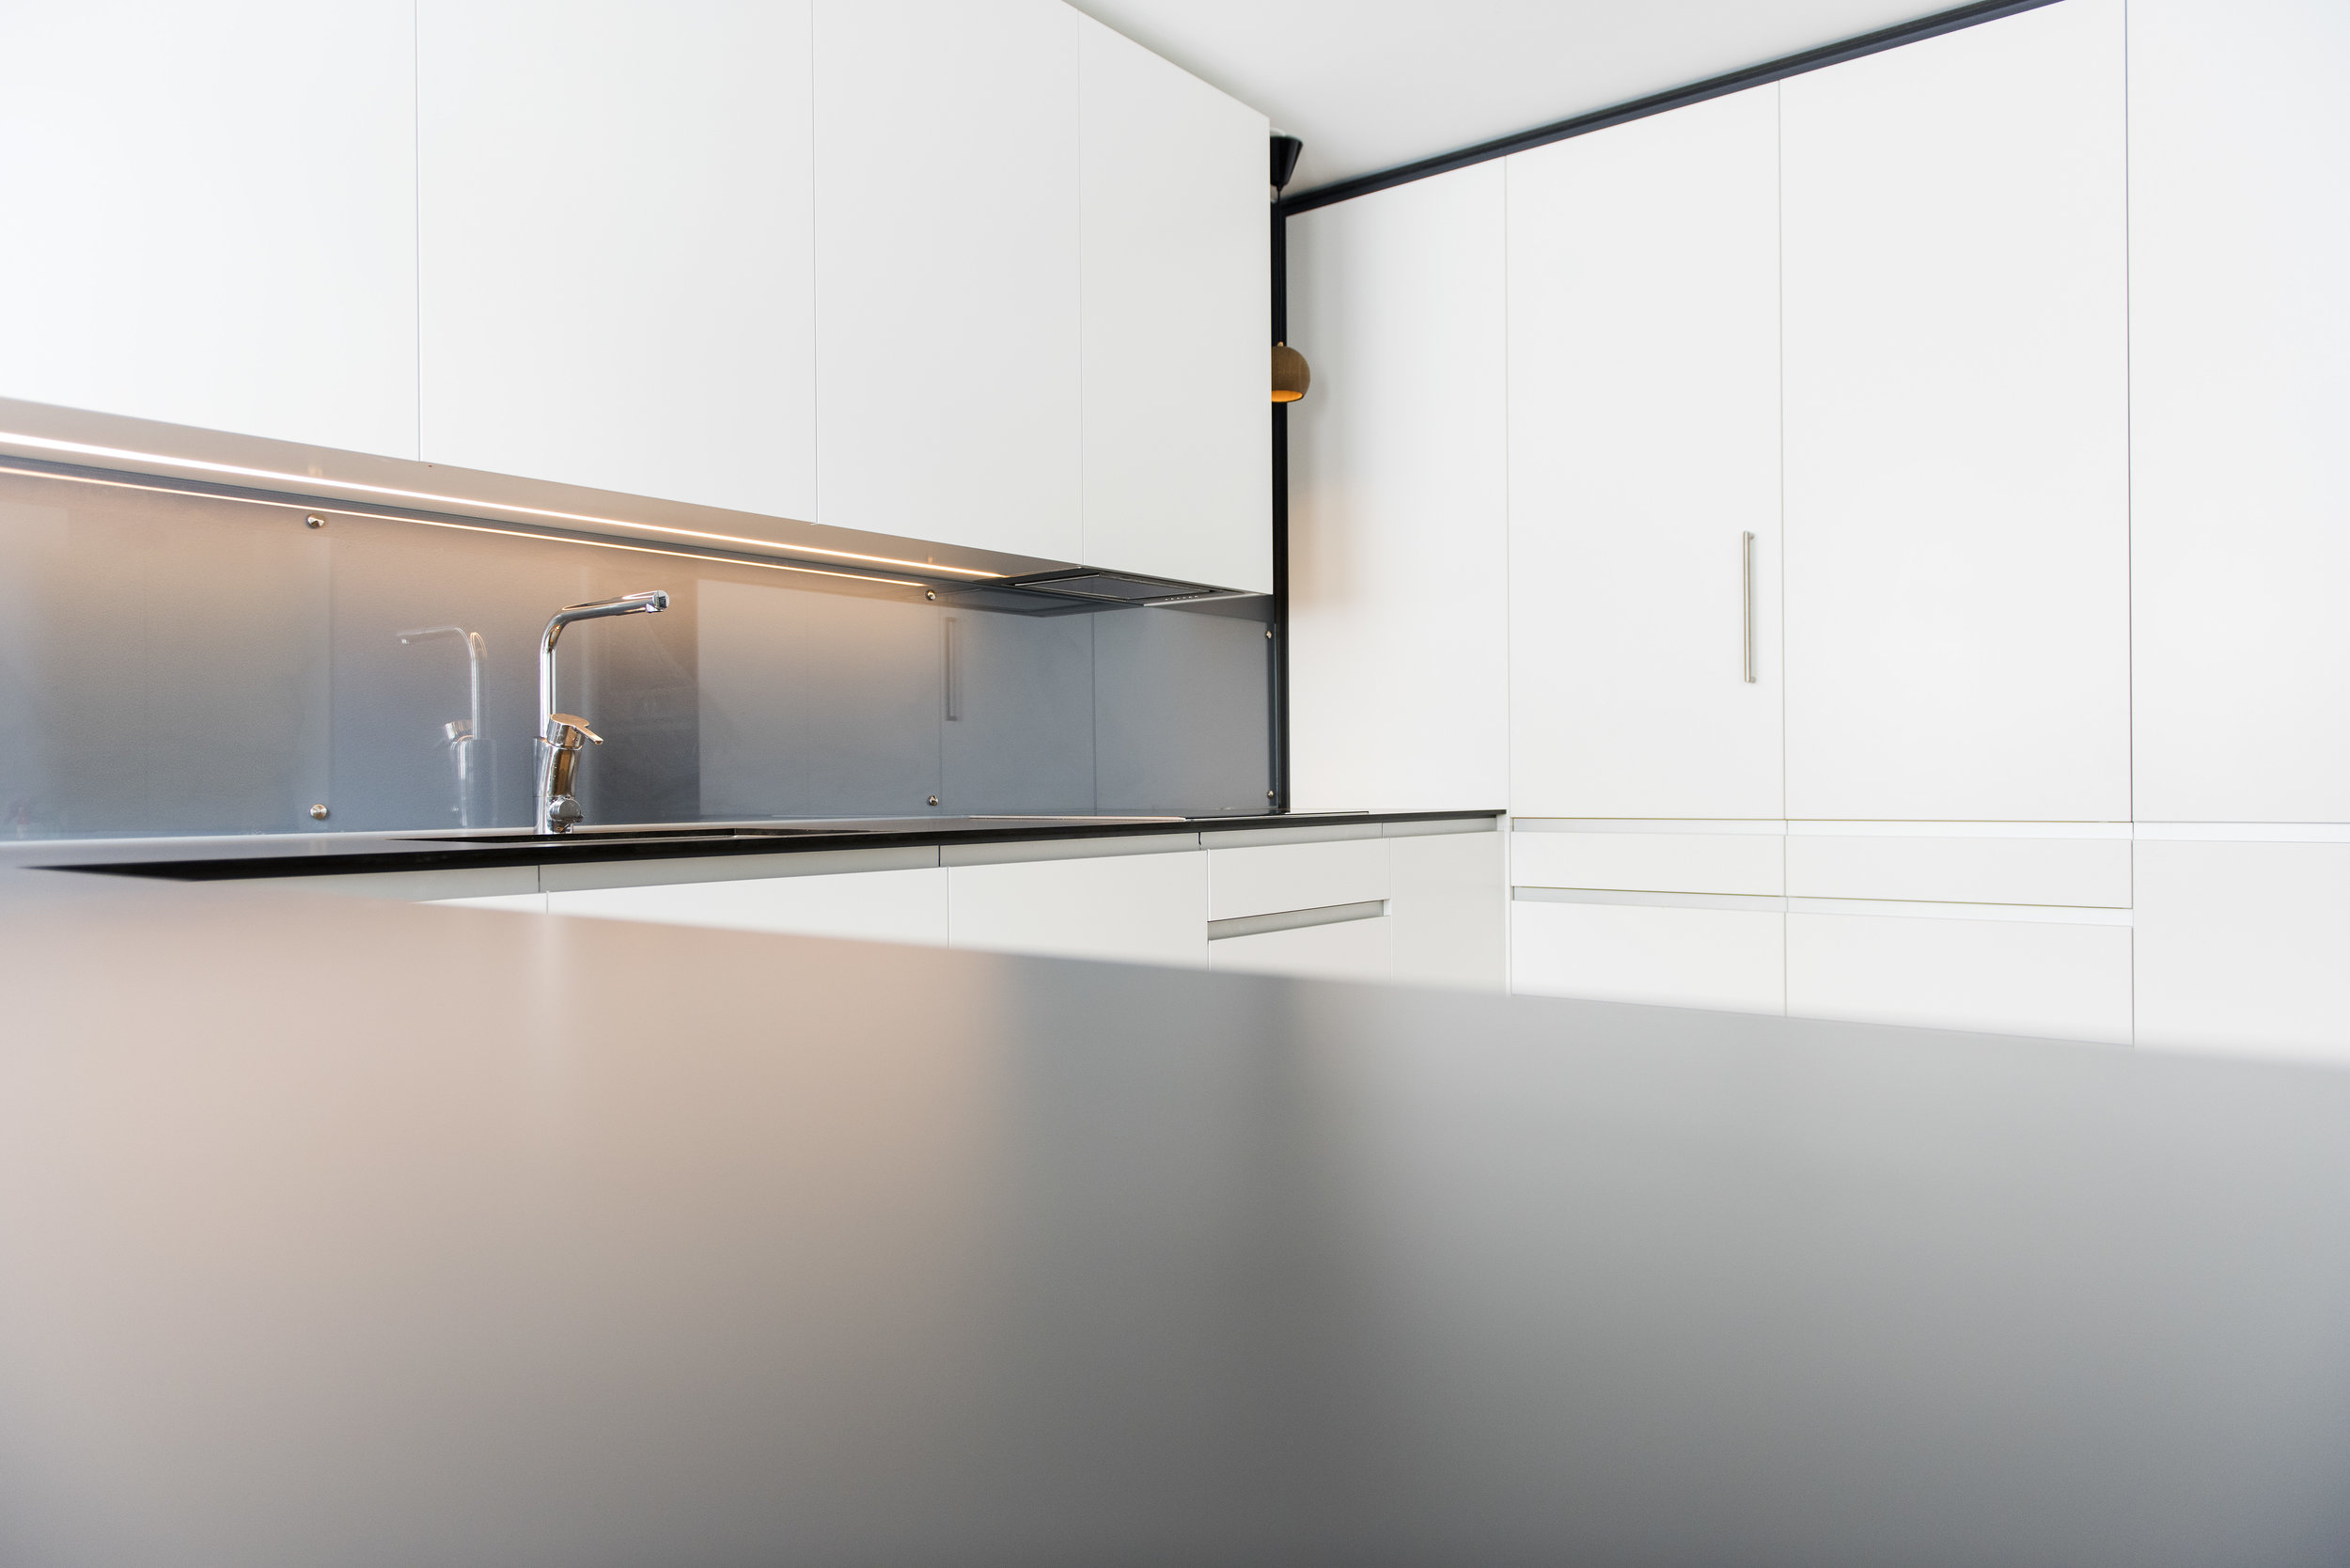 kjøkken-grovkjøkken-skreddersydd-interiør-design-15.jpg